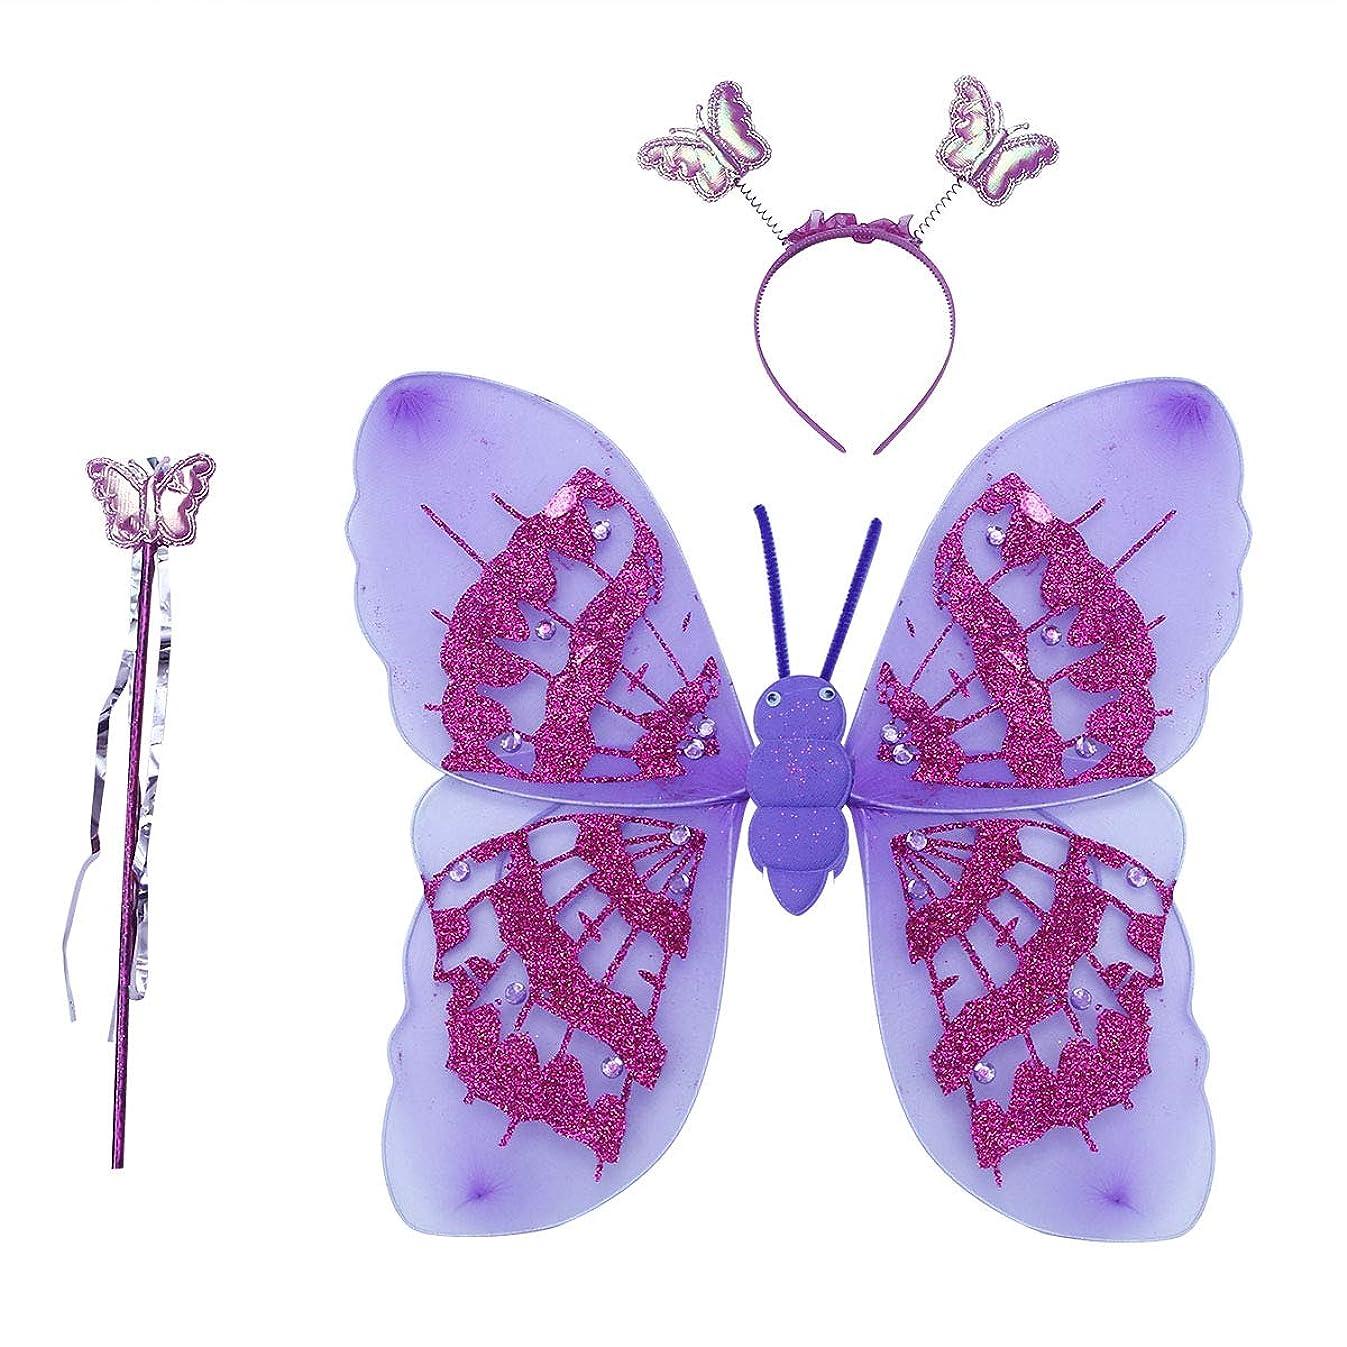 ペッカディロ生息地国内のBESTOYARD ガールズフェアリーバタフライウィングスコスチュームヘアバンドフェアリーワンドパフォーマンスコスチュームセットパーティーコスチュームセット(3pcs、Purple)